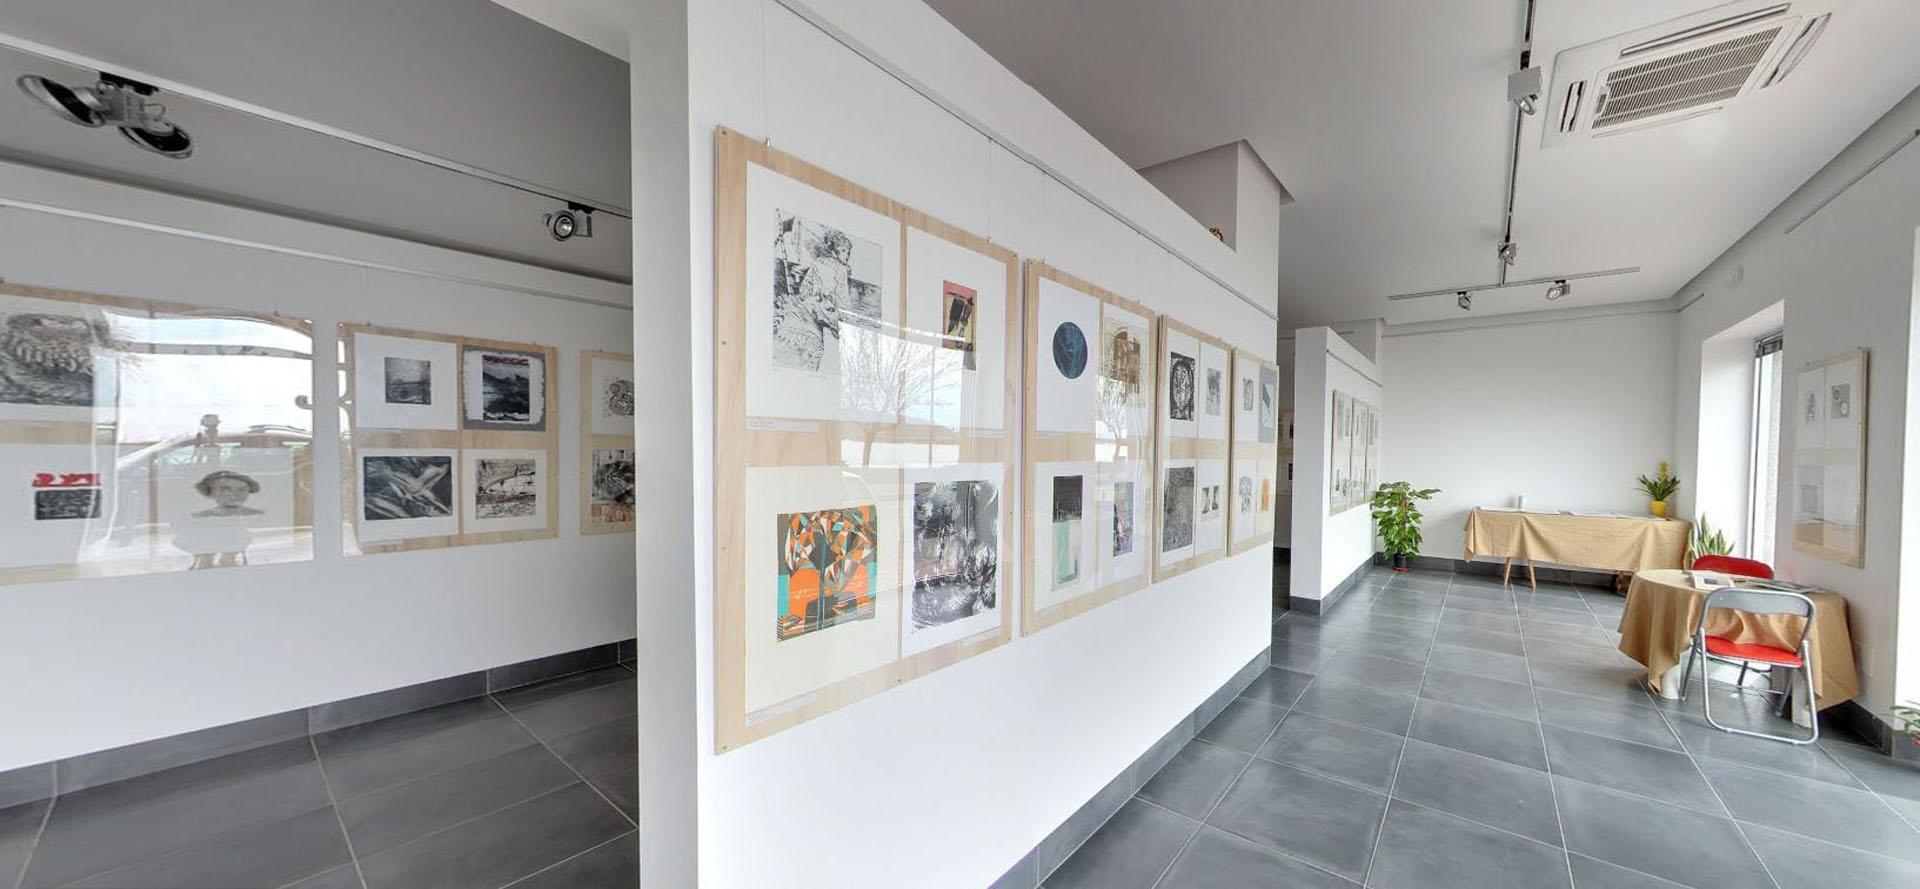 Risultati immagini per Soci-Artisti di Atelier Controsegno,